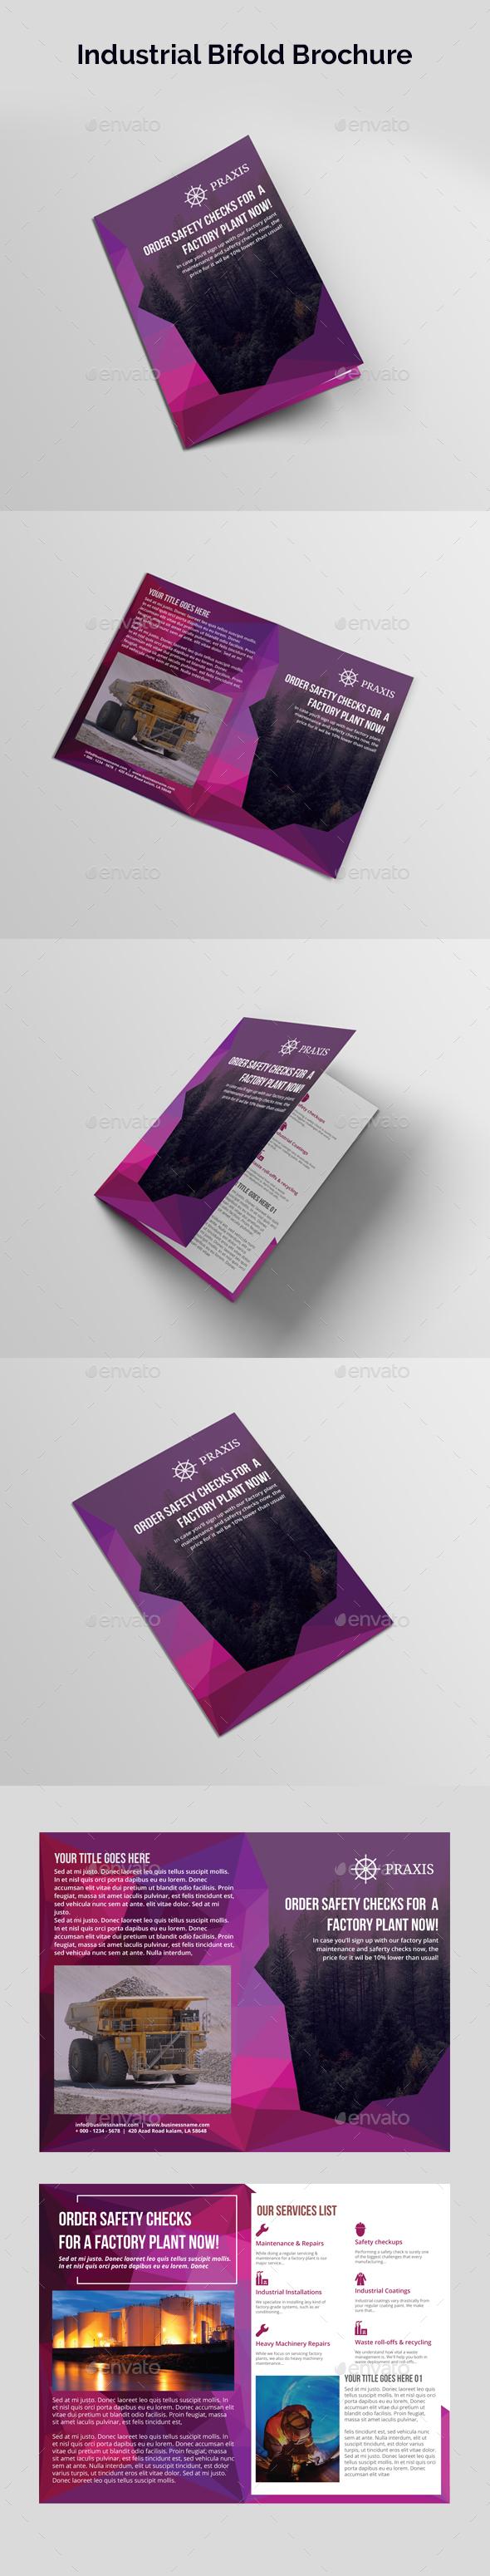 Industrial Bifold Brochure - Brochures Print Templates